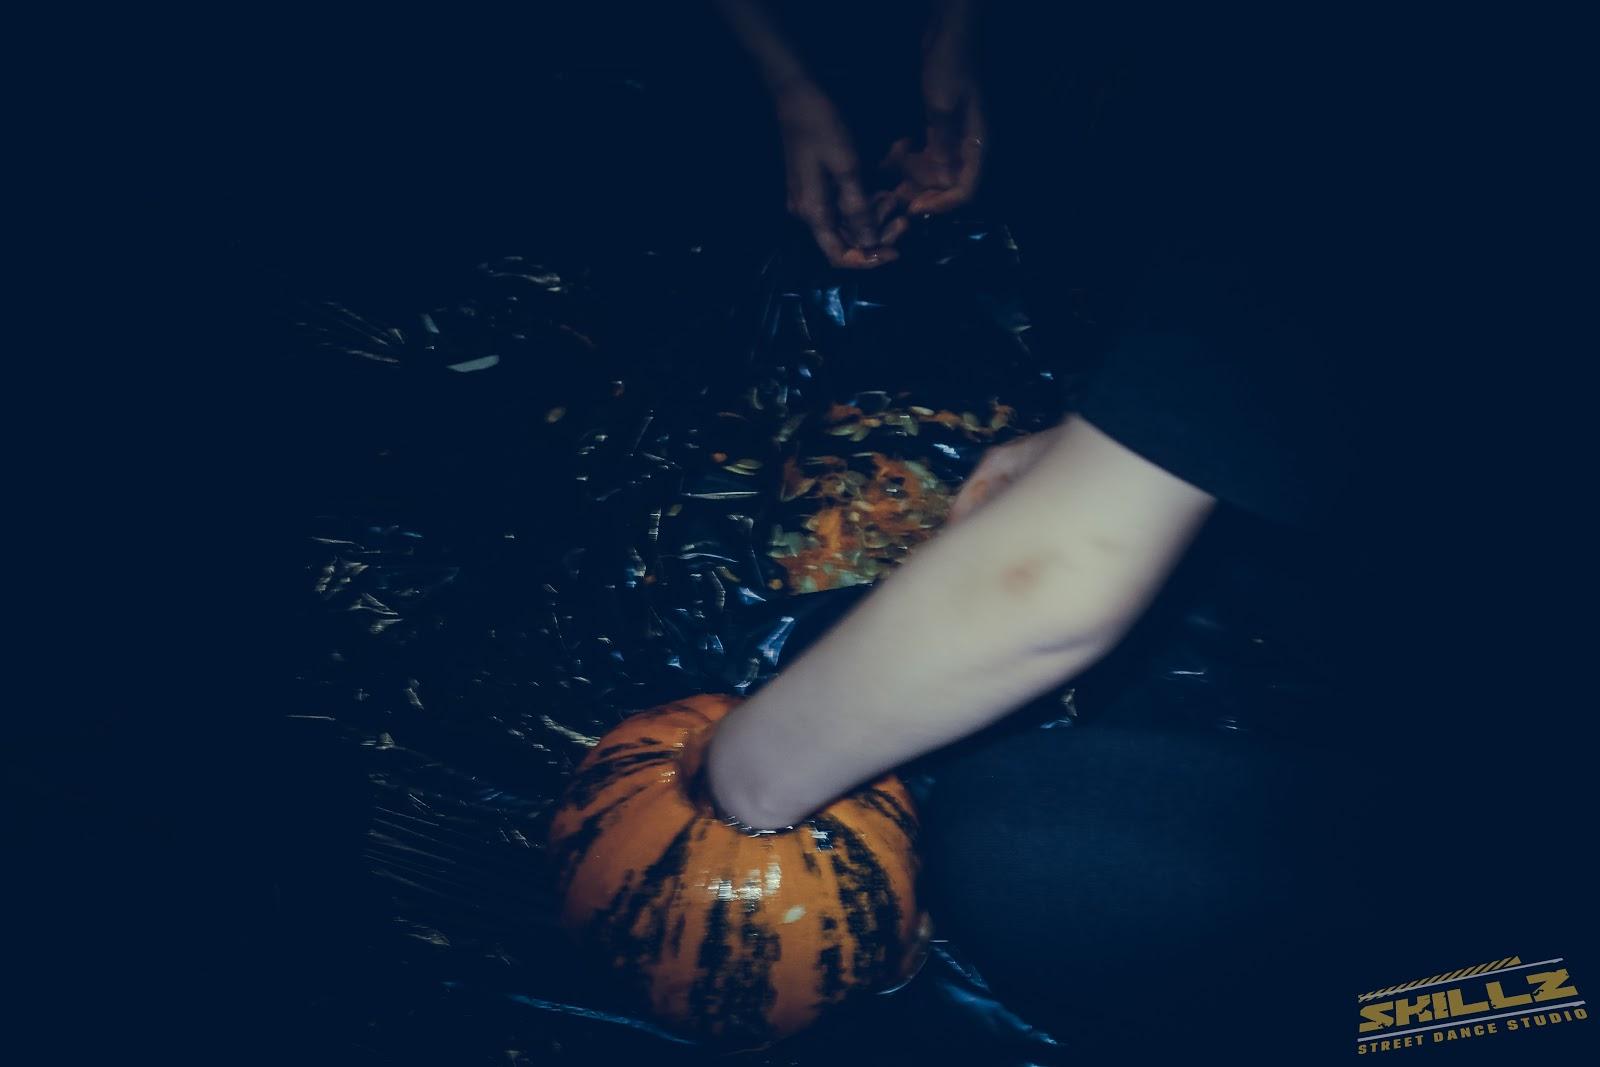 Naujikų krikštynos @SKILLZ (Halloween tema) - PANA2038.jpg